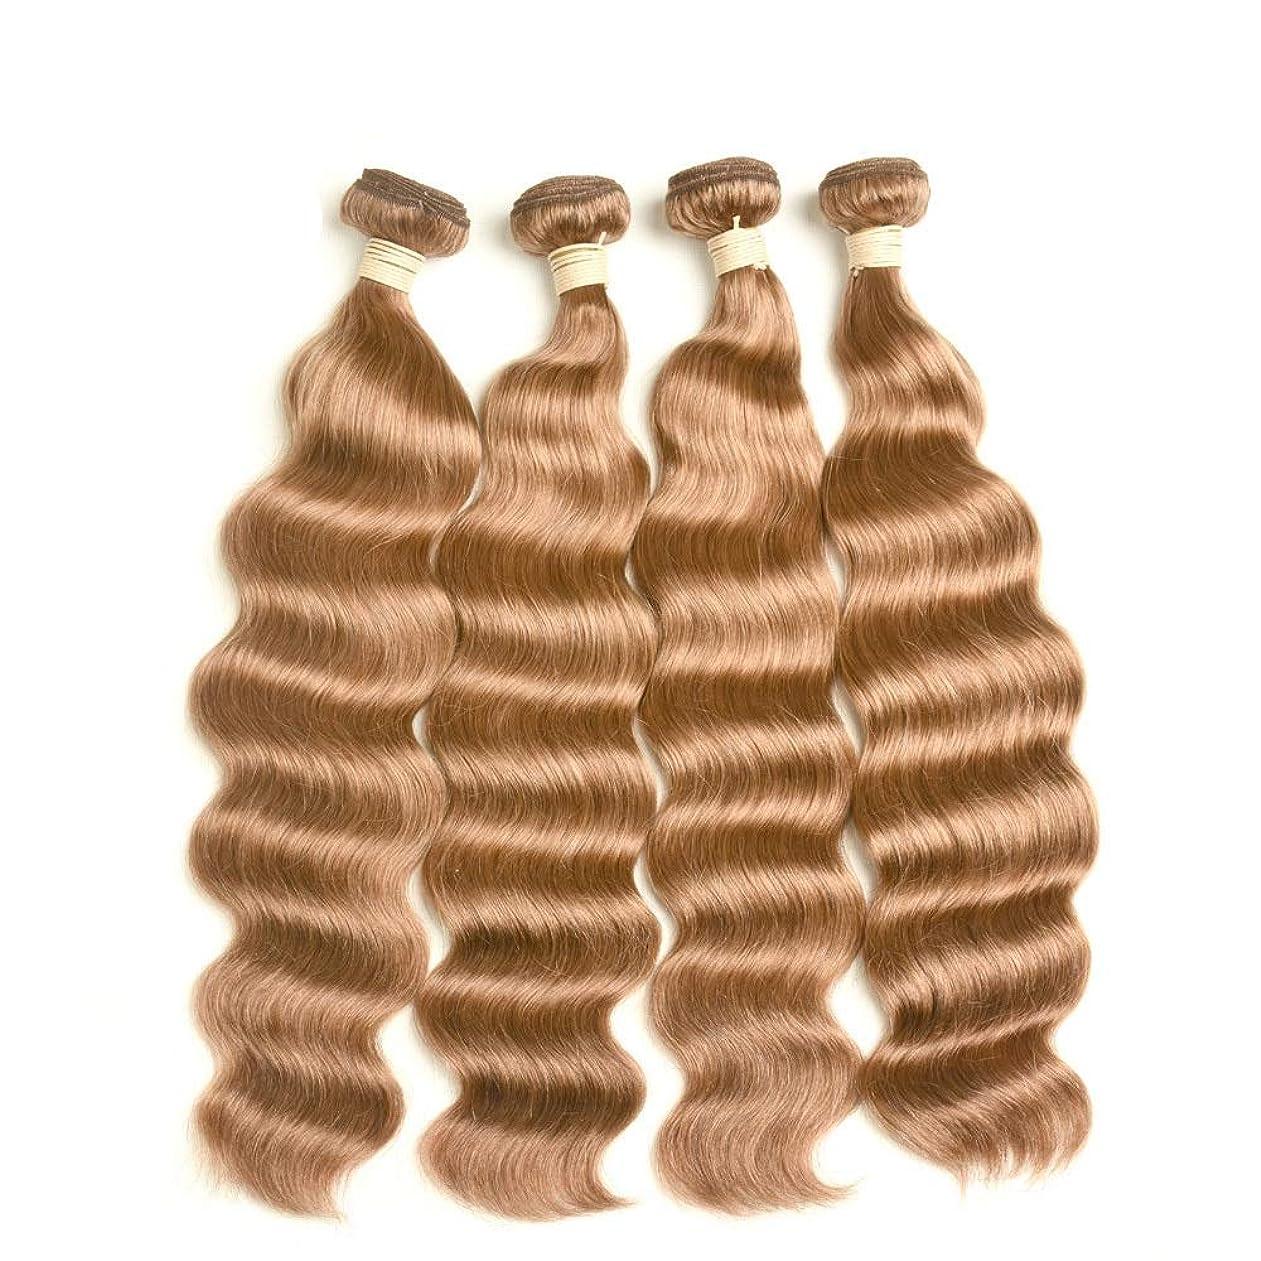 歩くプーノゲストHOHYLLYA ブラジルの髪の束自然オーシャンウェーブヘア1バンドル、本物の人間の髪の毛#30明るい茶色(1バンドル、10-28インチ、100g)女性用合成かつらレースかつらロールプレイングかつら (色 : ブラウン, サイズ : 26 inch)